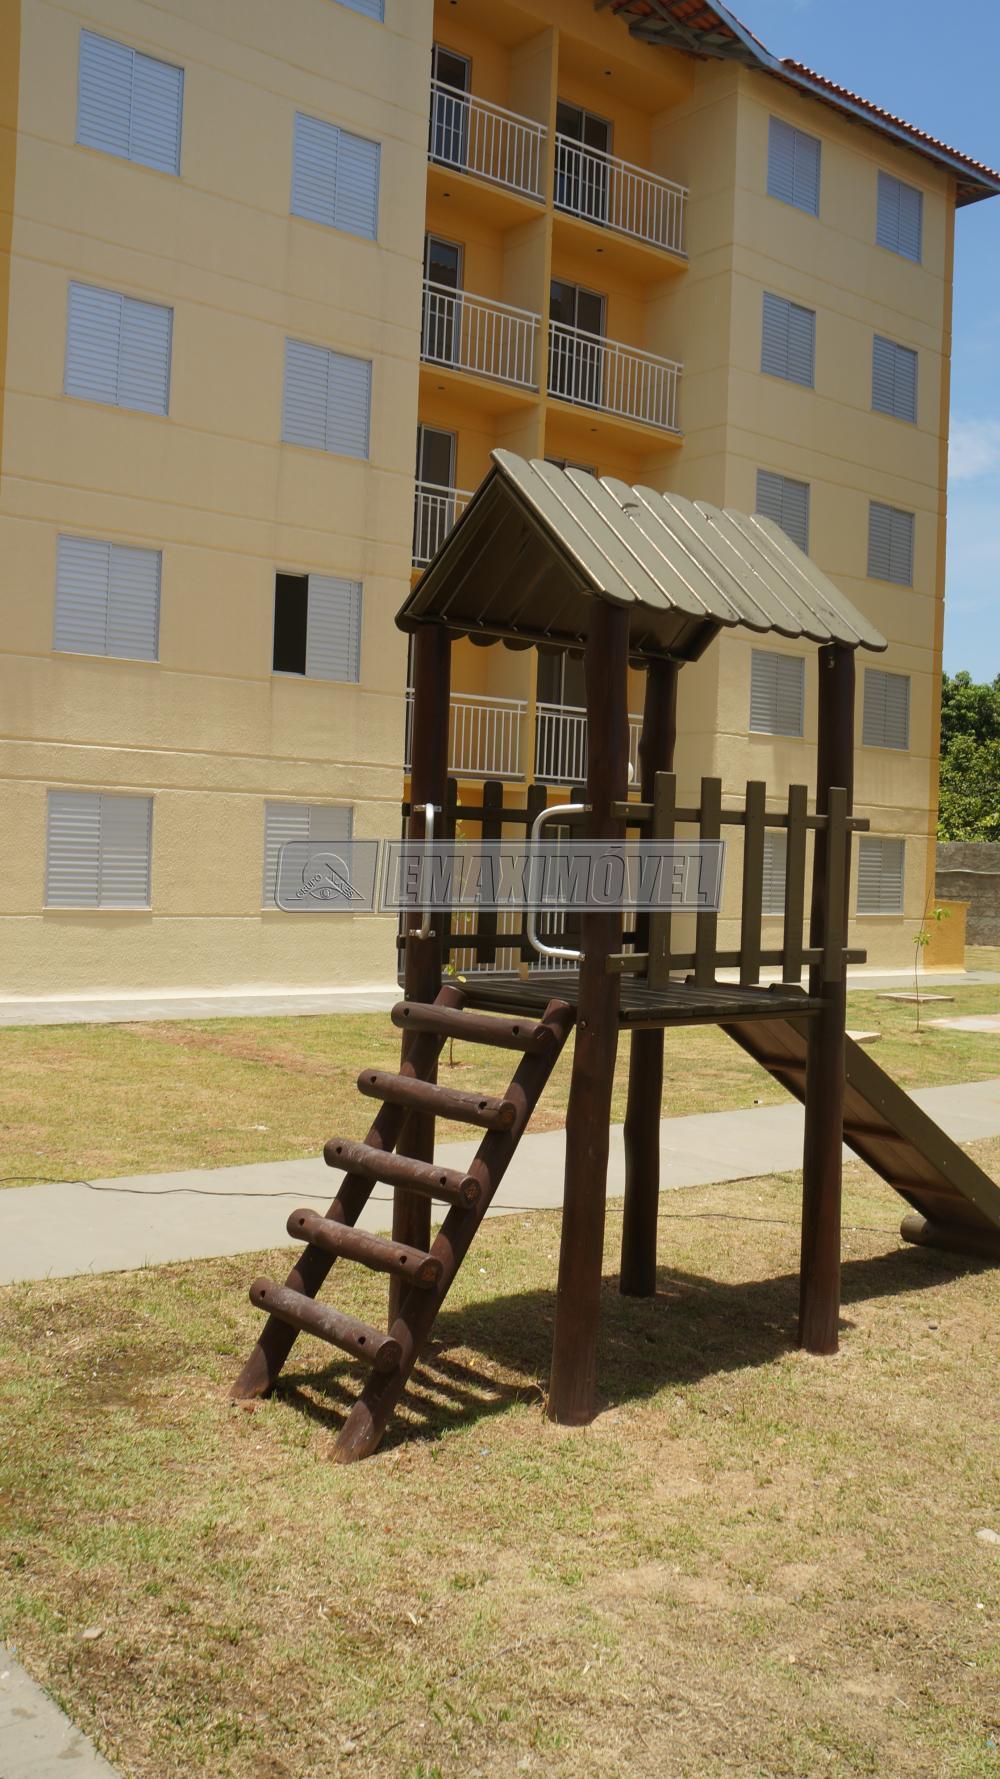 Comprar Apartamentos / Apto Padrão em Votorantim apenas R$ 150.000,00 - Foto 8